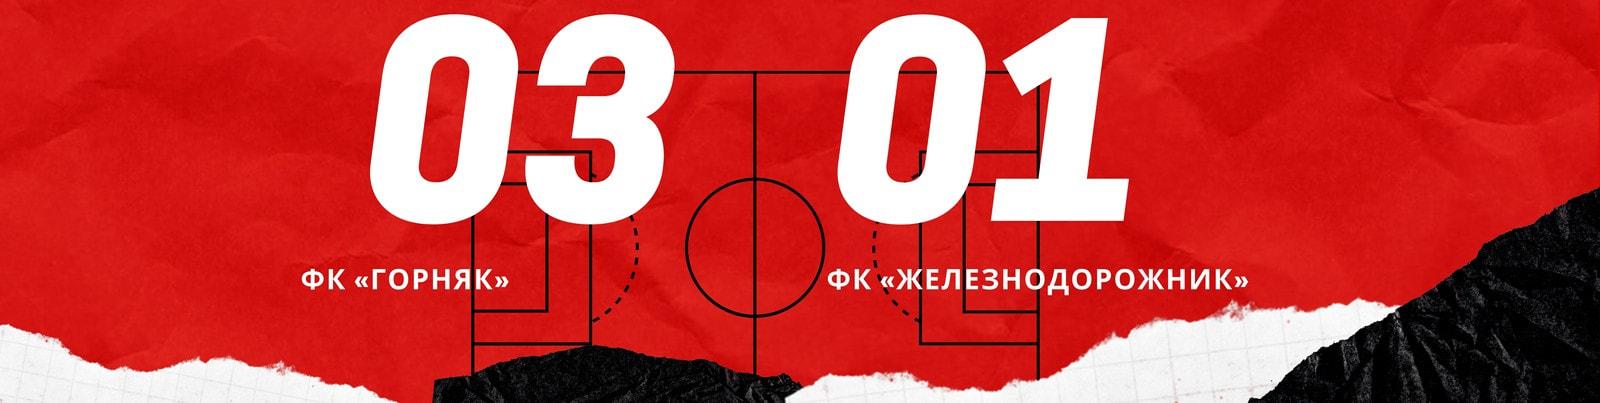 Красно-белая обложка группы ВК с рисунком футбольного поля